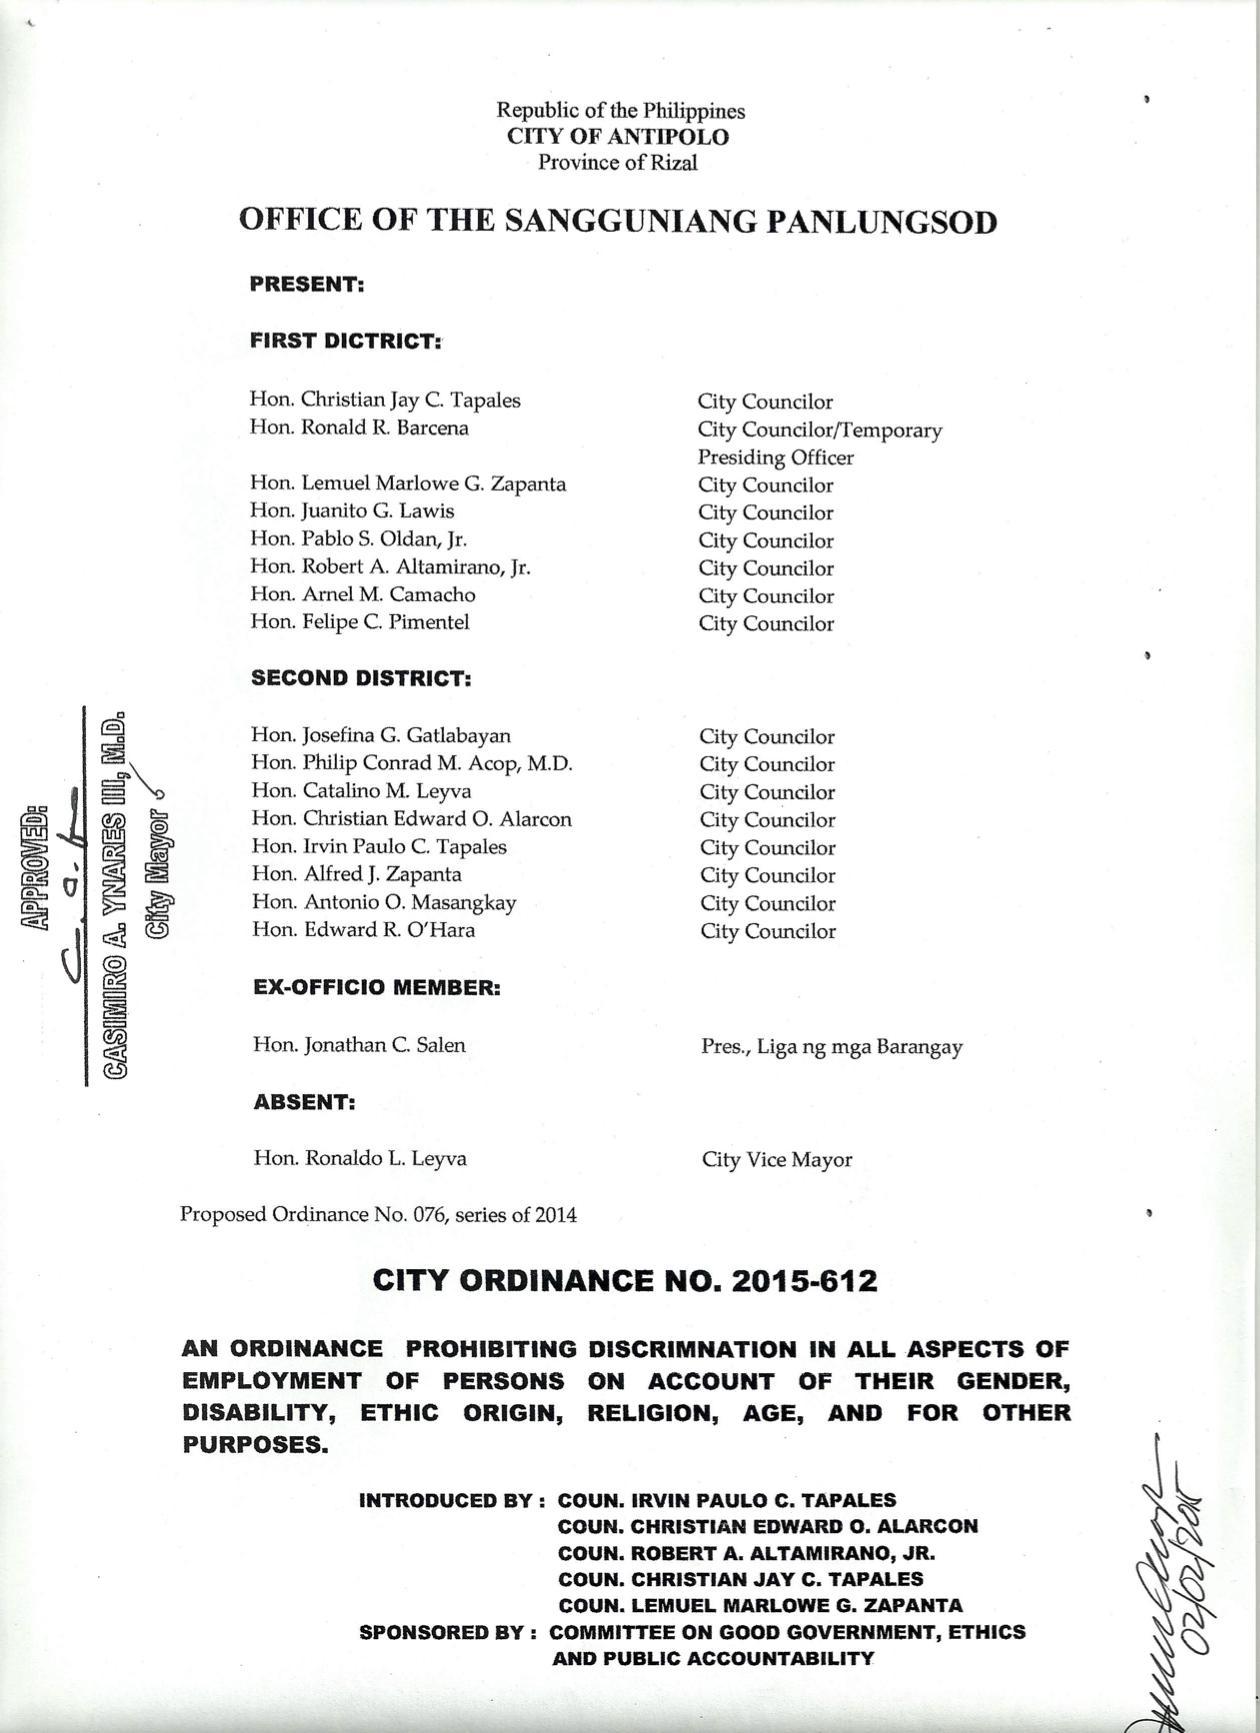 Antipolo City ADO (January 2015)